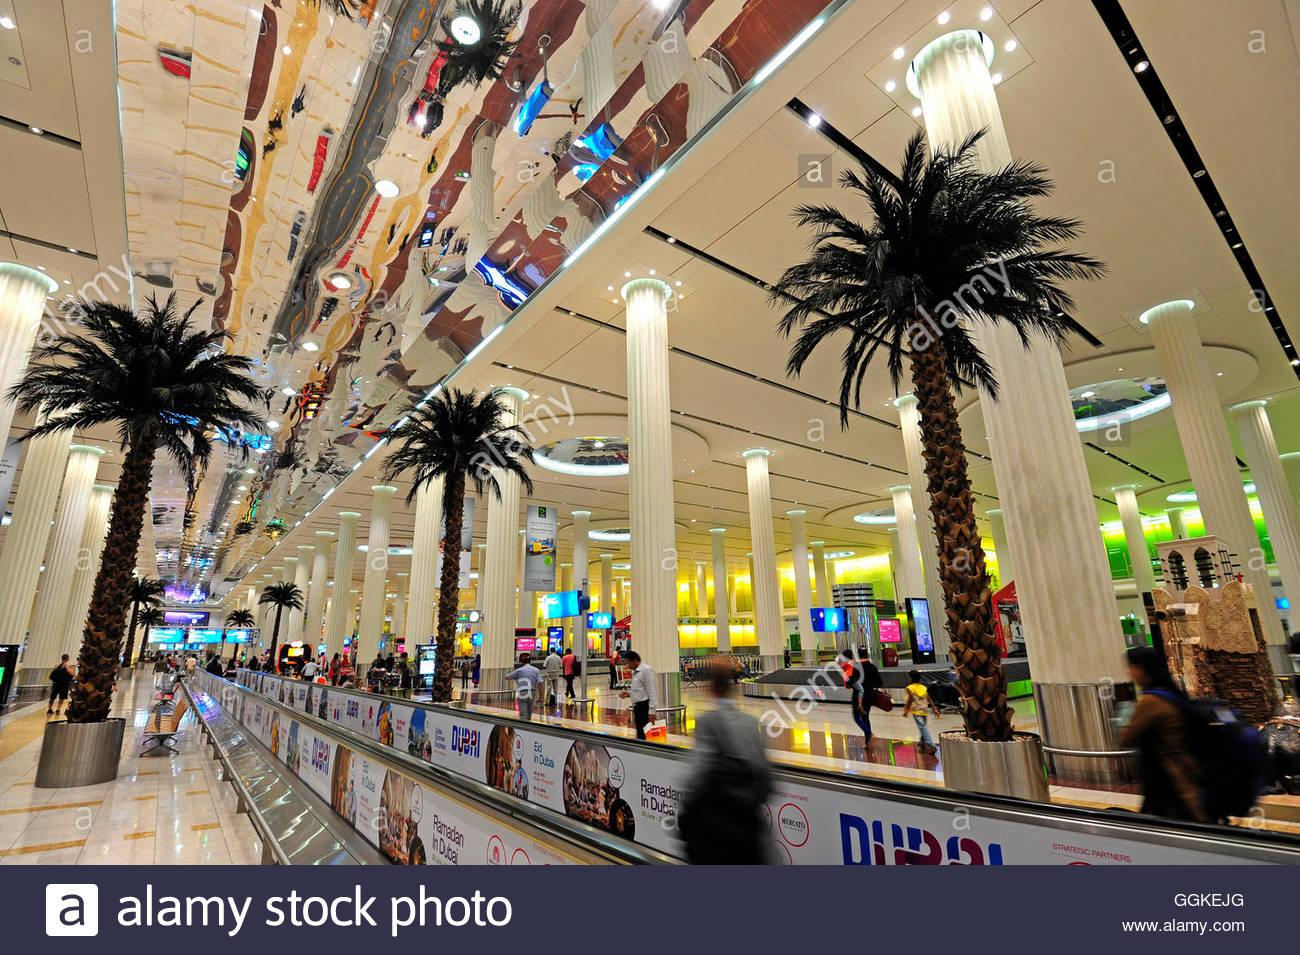 Arrivo e area reclamo bagagli in aeroporto internazionale di Dubai, Dubai, Emirati Arabi Uniti Immagini Stock